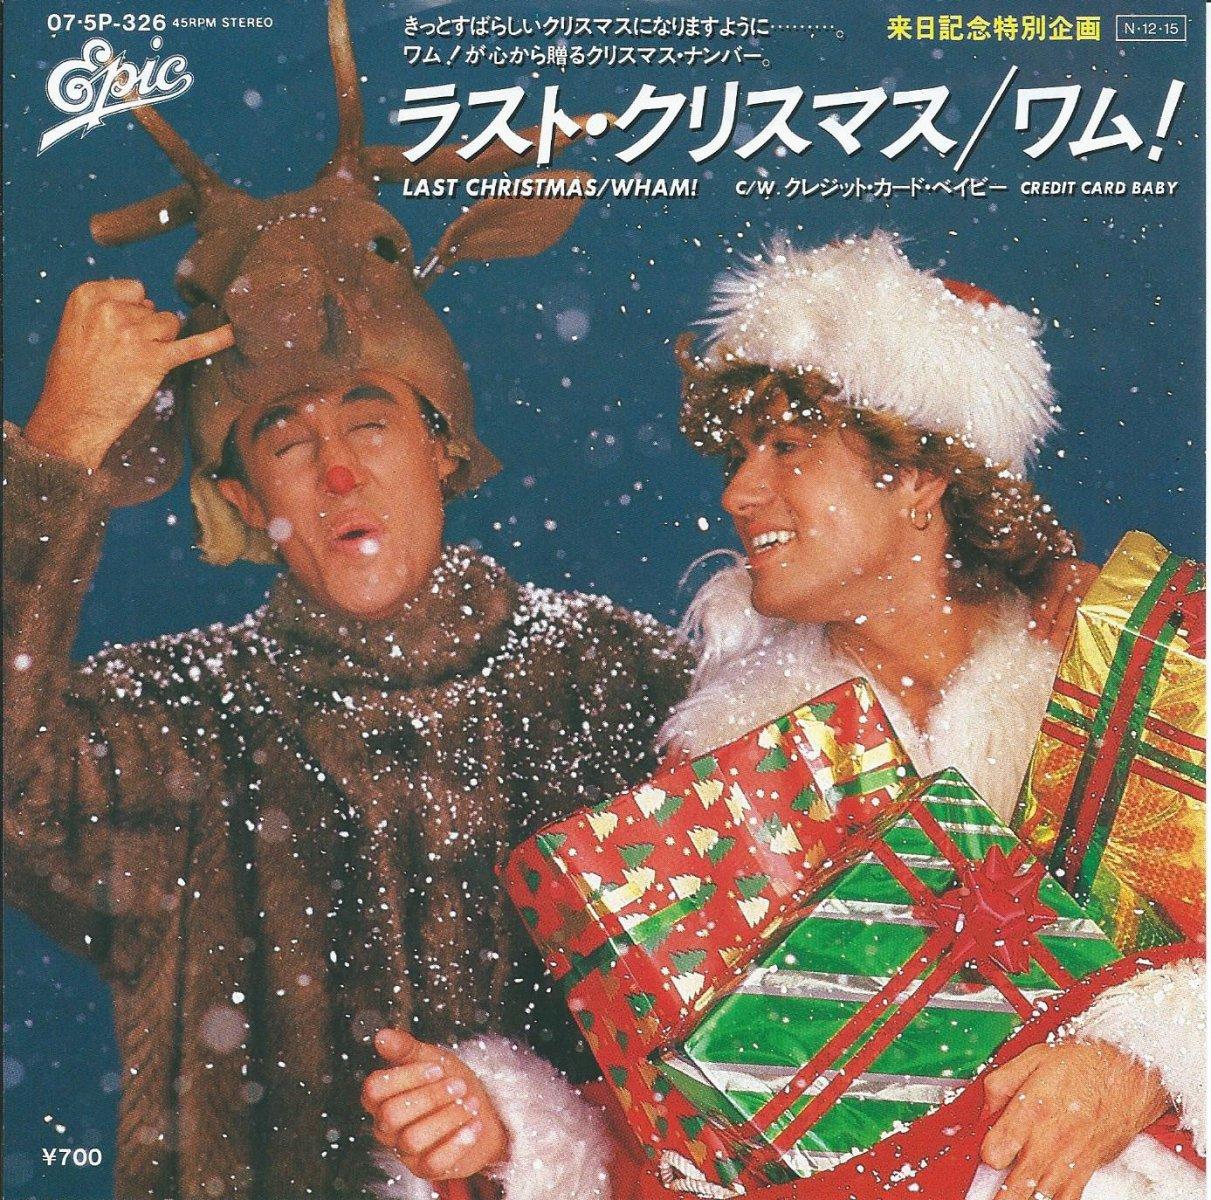 ワム! WHAM! / ラスト・クリスマス LAST CHRISTMAS (7